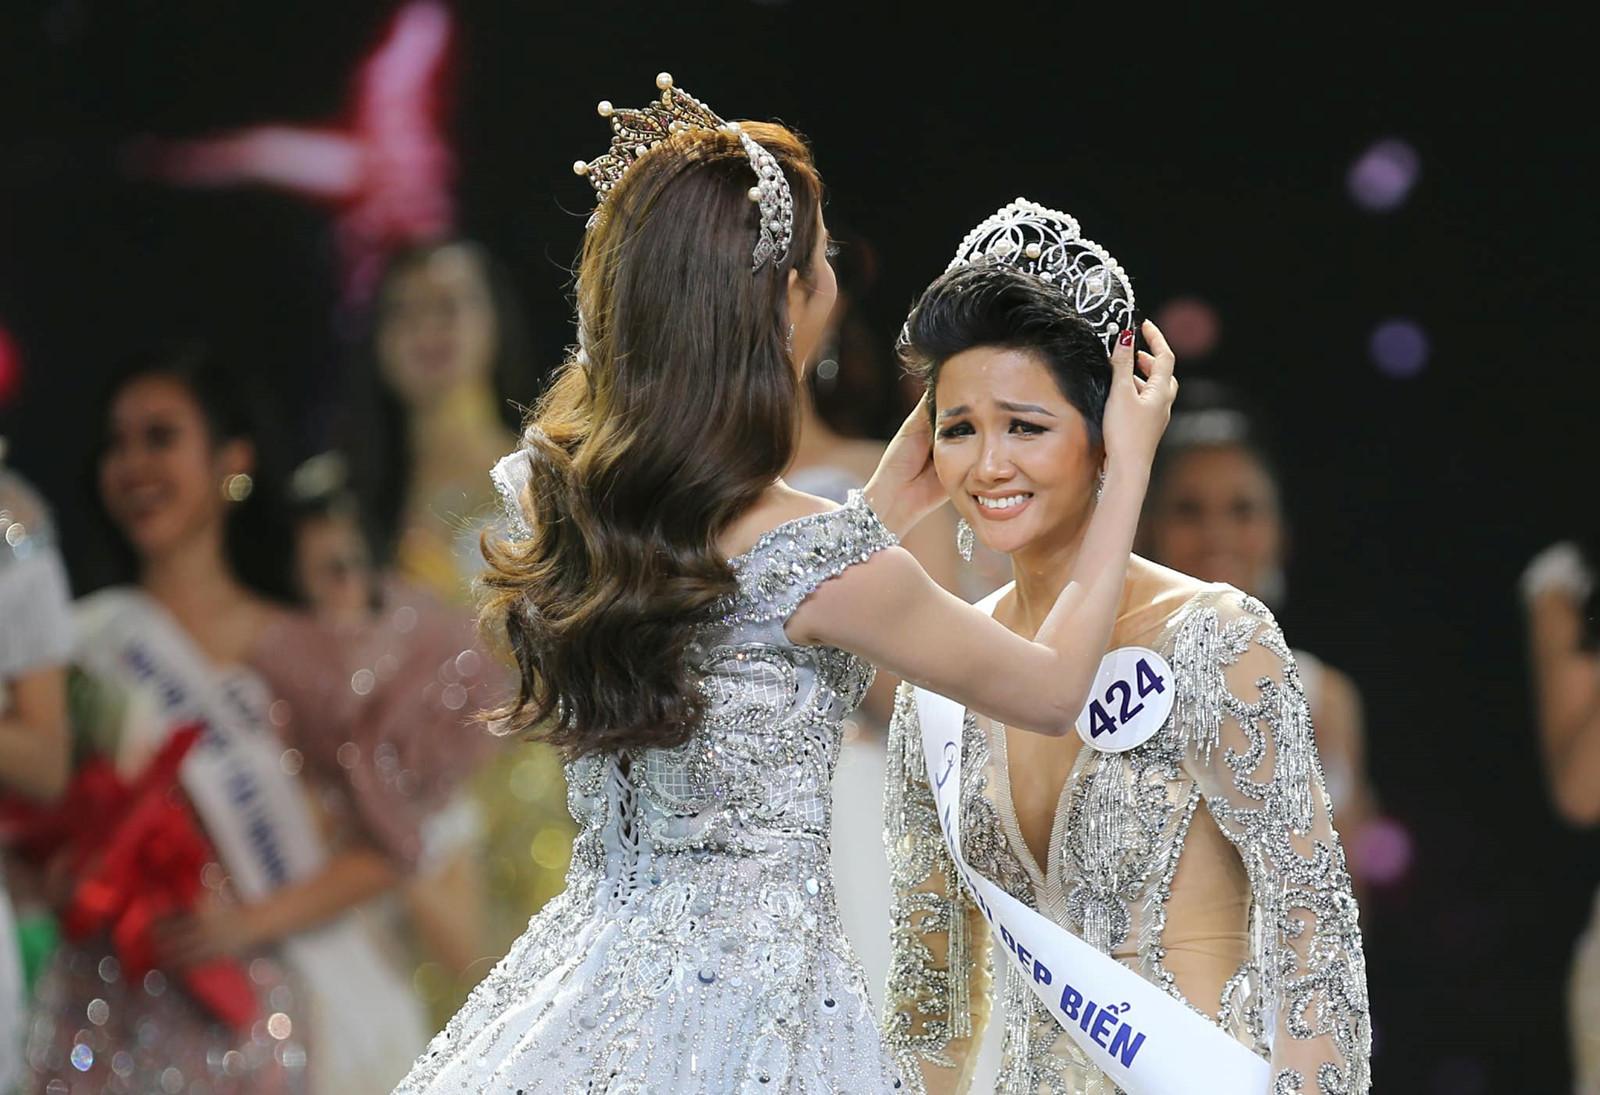 Phản ứng của cư dân mạng quốc tế khi H'Hen Niê đăng quang Hoa hậu Hoàn vũ Việt Nam - Ảnh 4